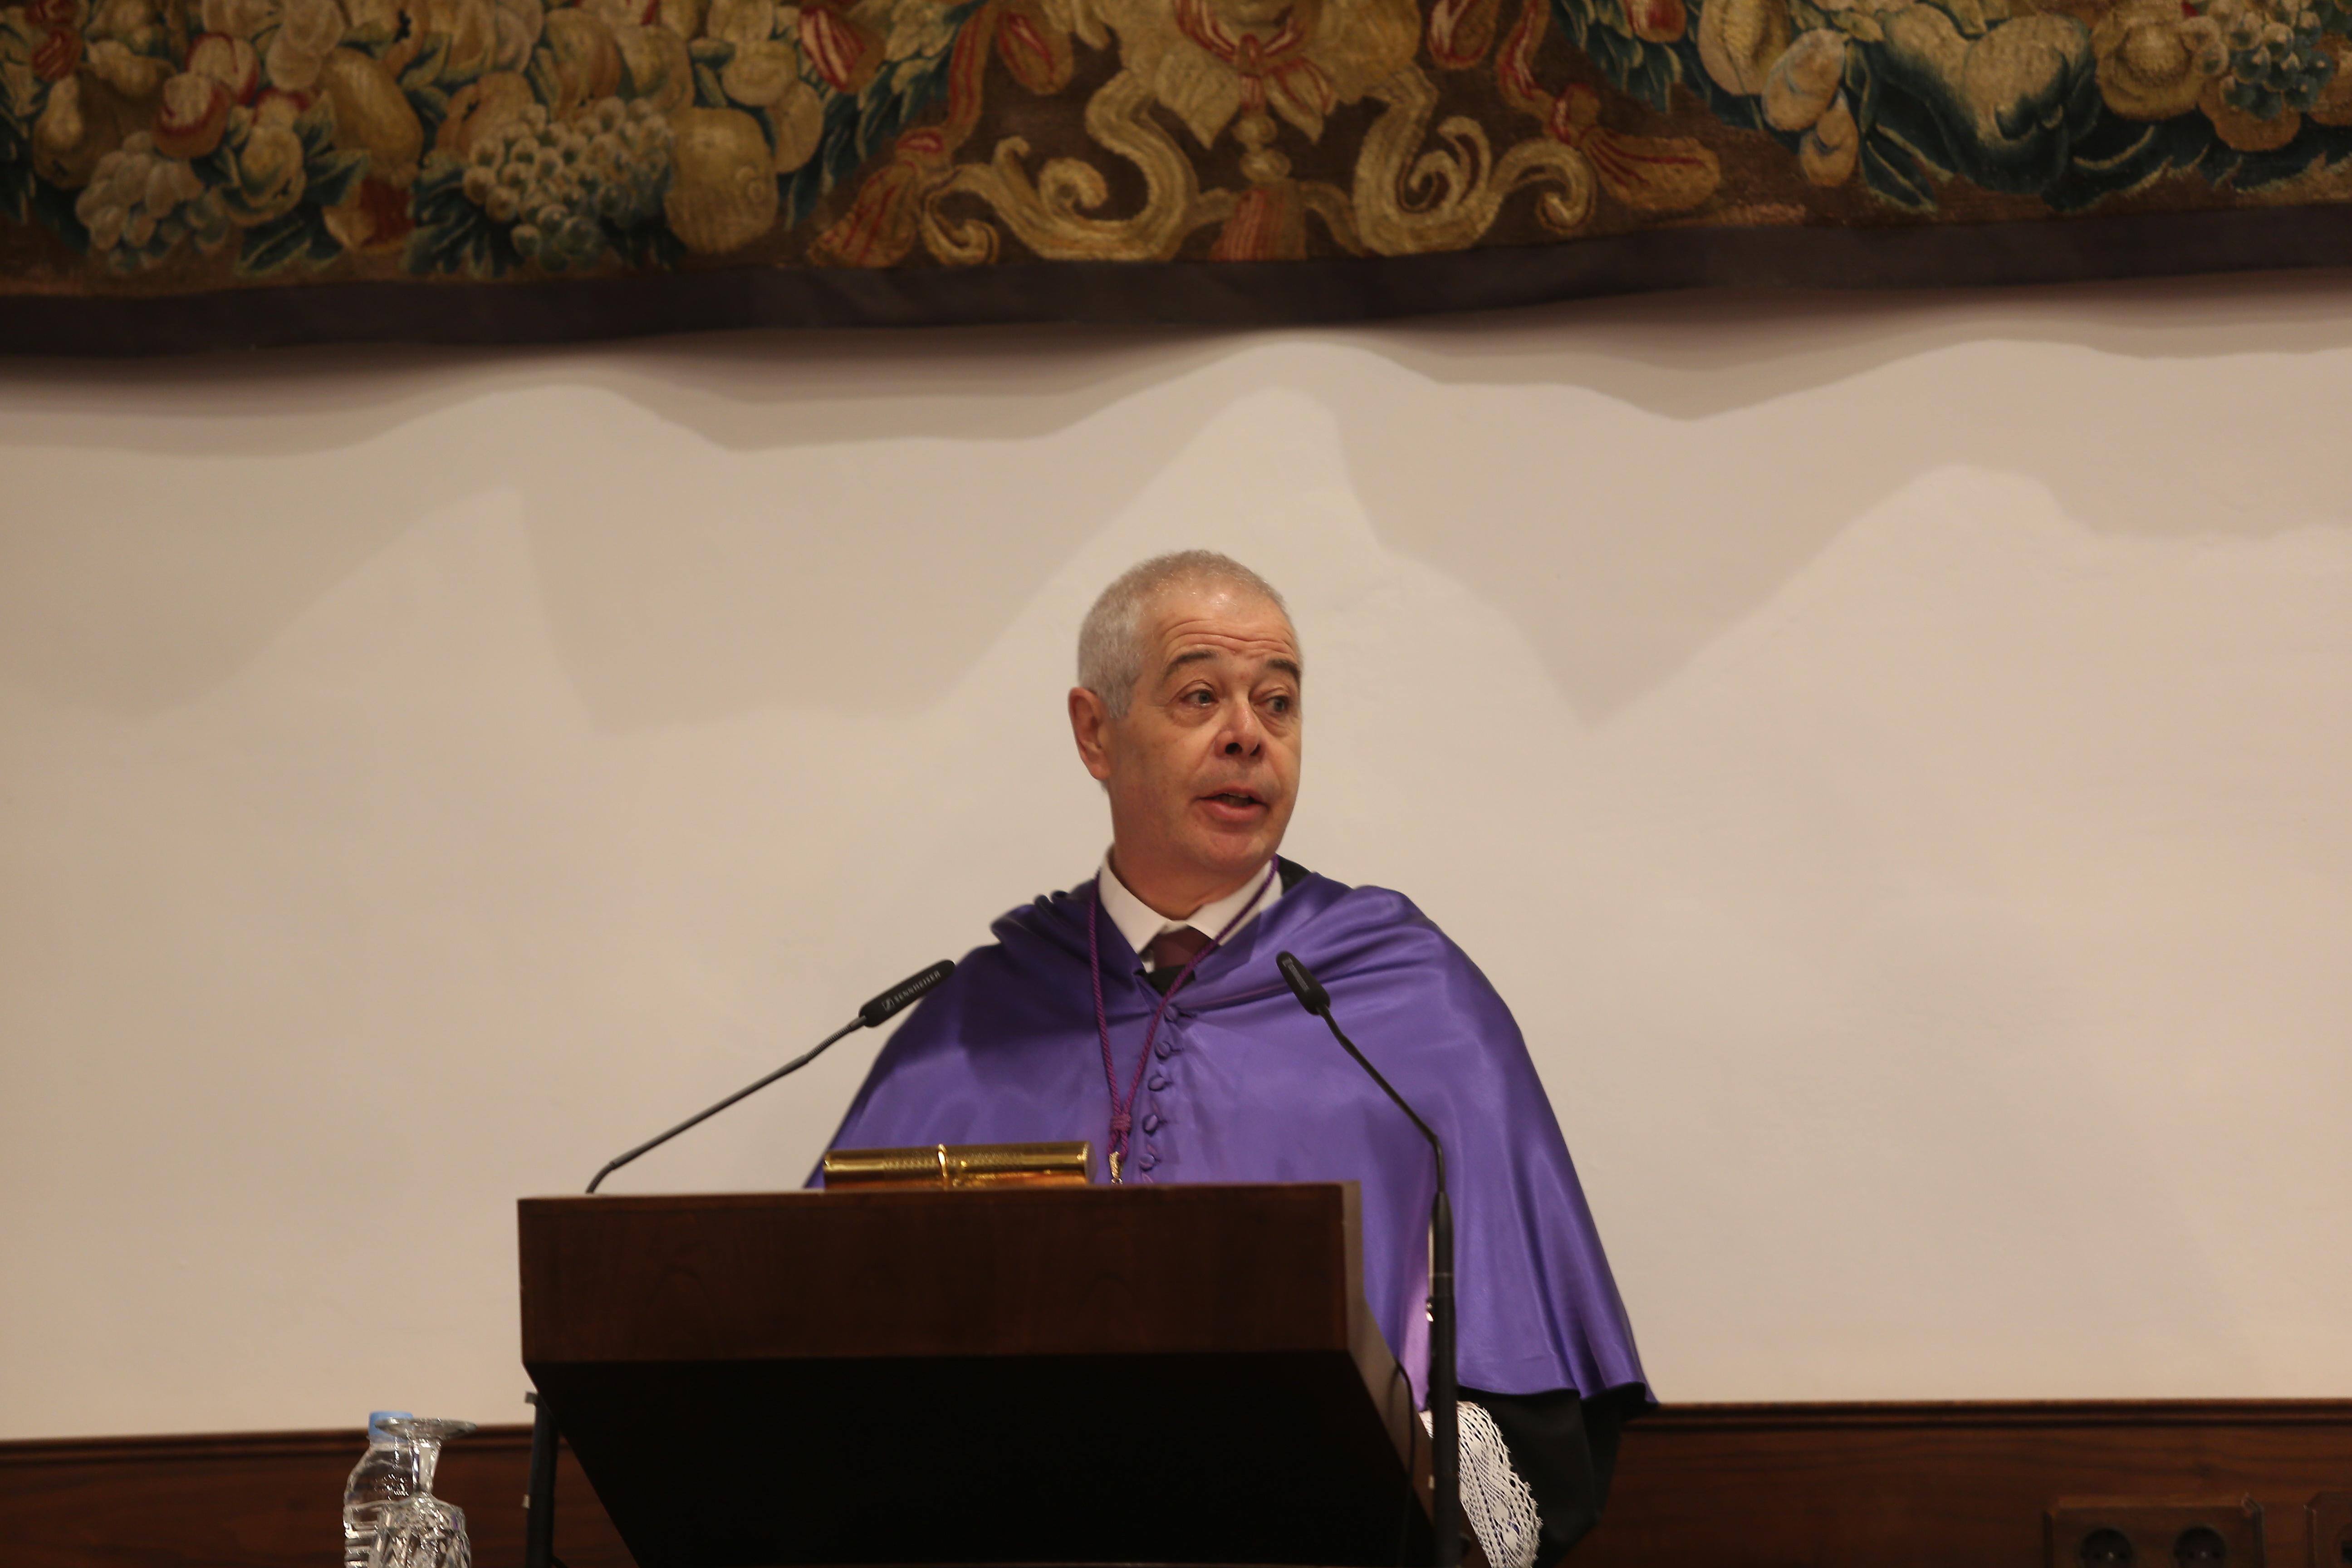 La Universidad de Salamanca celebra la sesión académica de la festividad de Santo Tomás de Aquino, con la investidura de 18 nuevos doctores y el homenaje a la Orden de los Dominicos